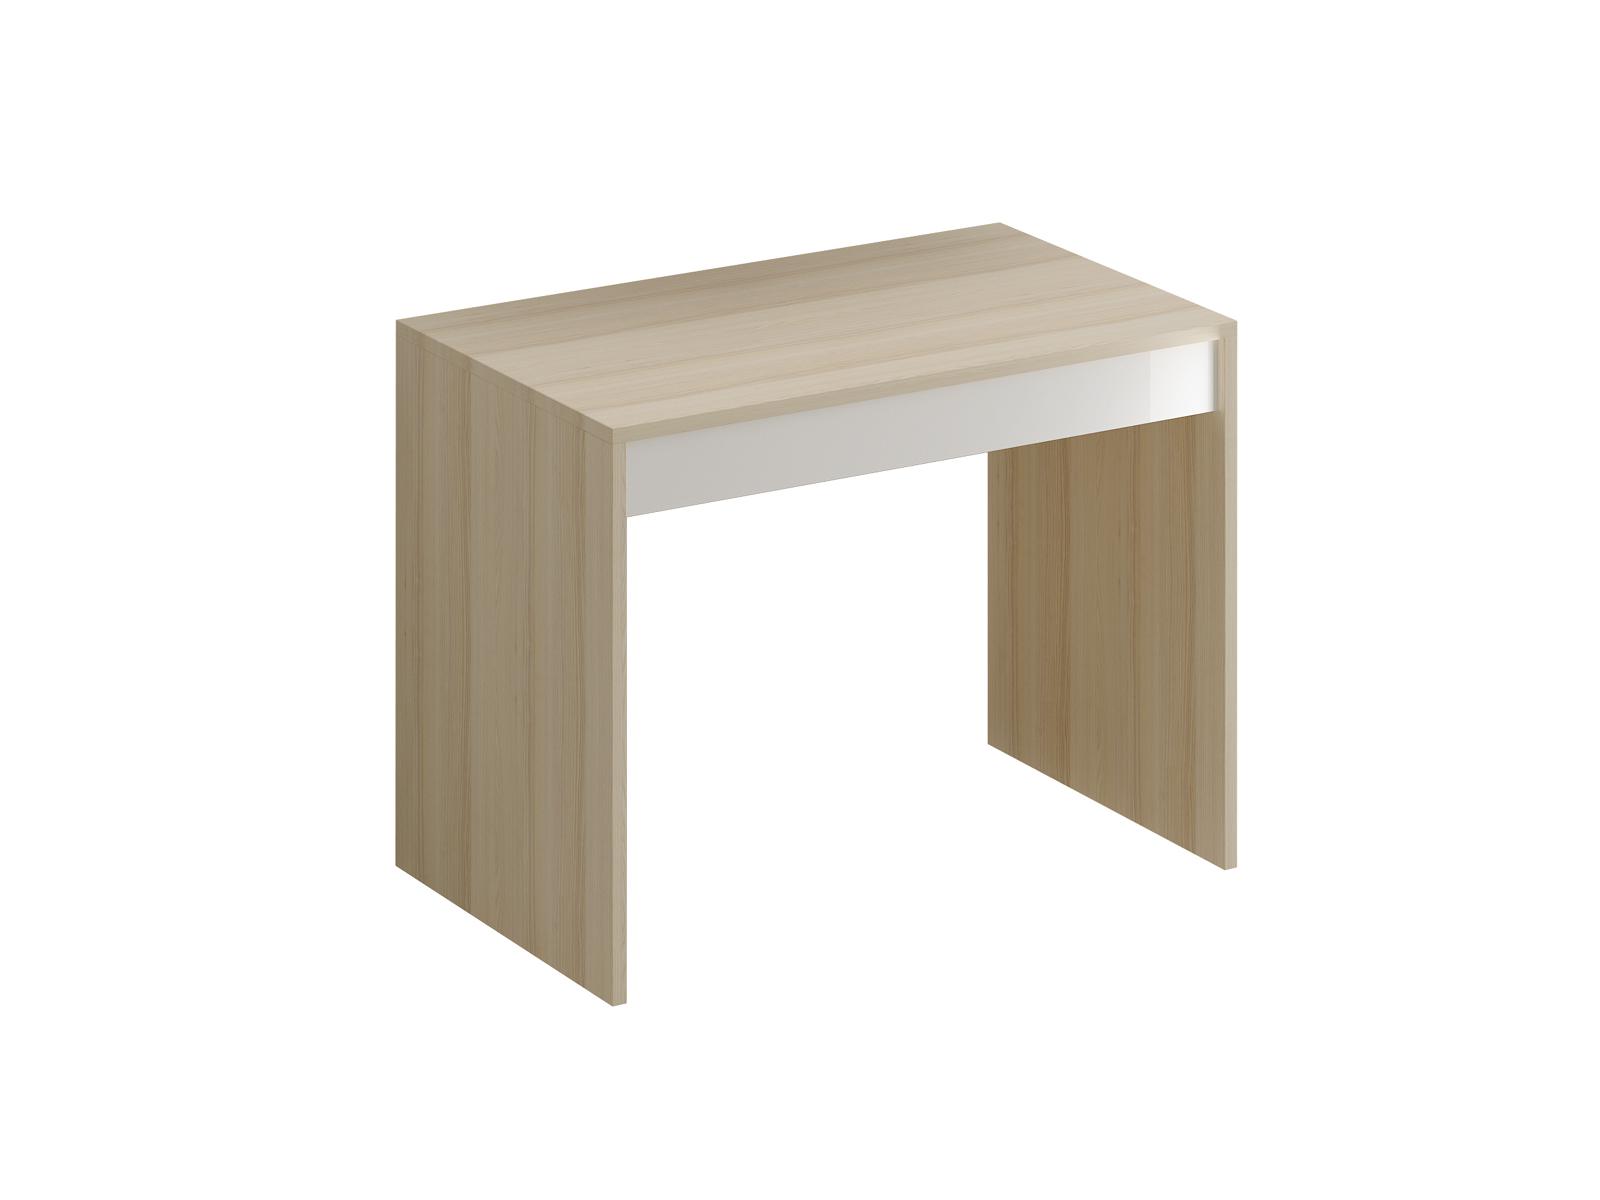 Стол письменный Mix PlusПисьменные столы<br><br><br>Material: ДСП<br>Length см: None<br>Width см: 98<br>Depth см: 60<br>Height см: 76<br>Diameter см: None